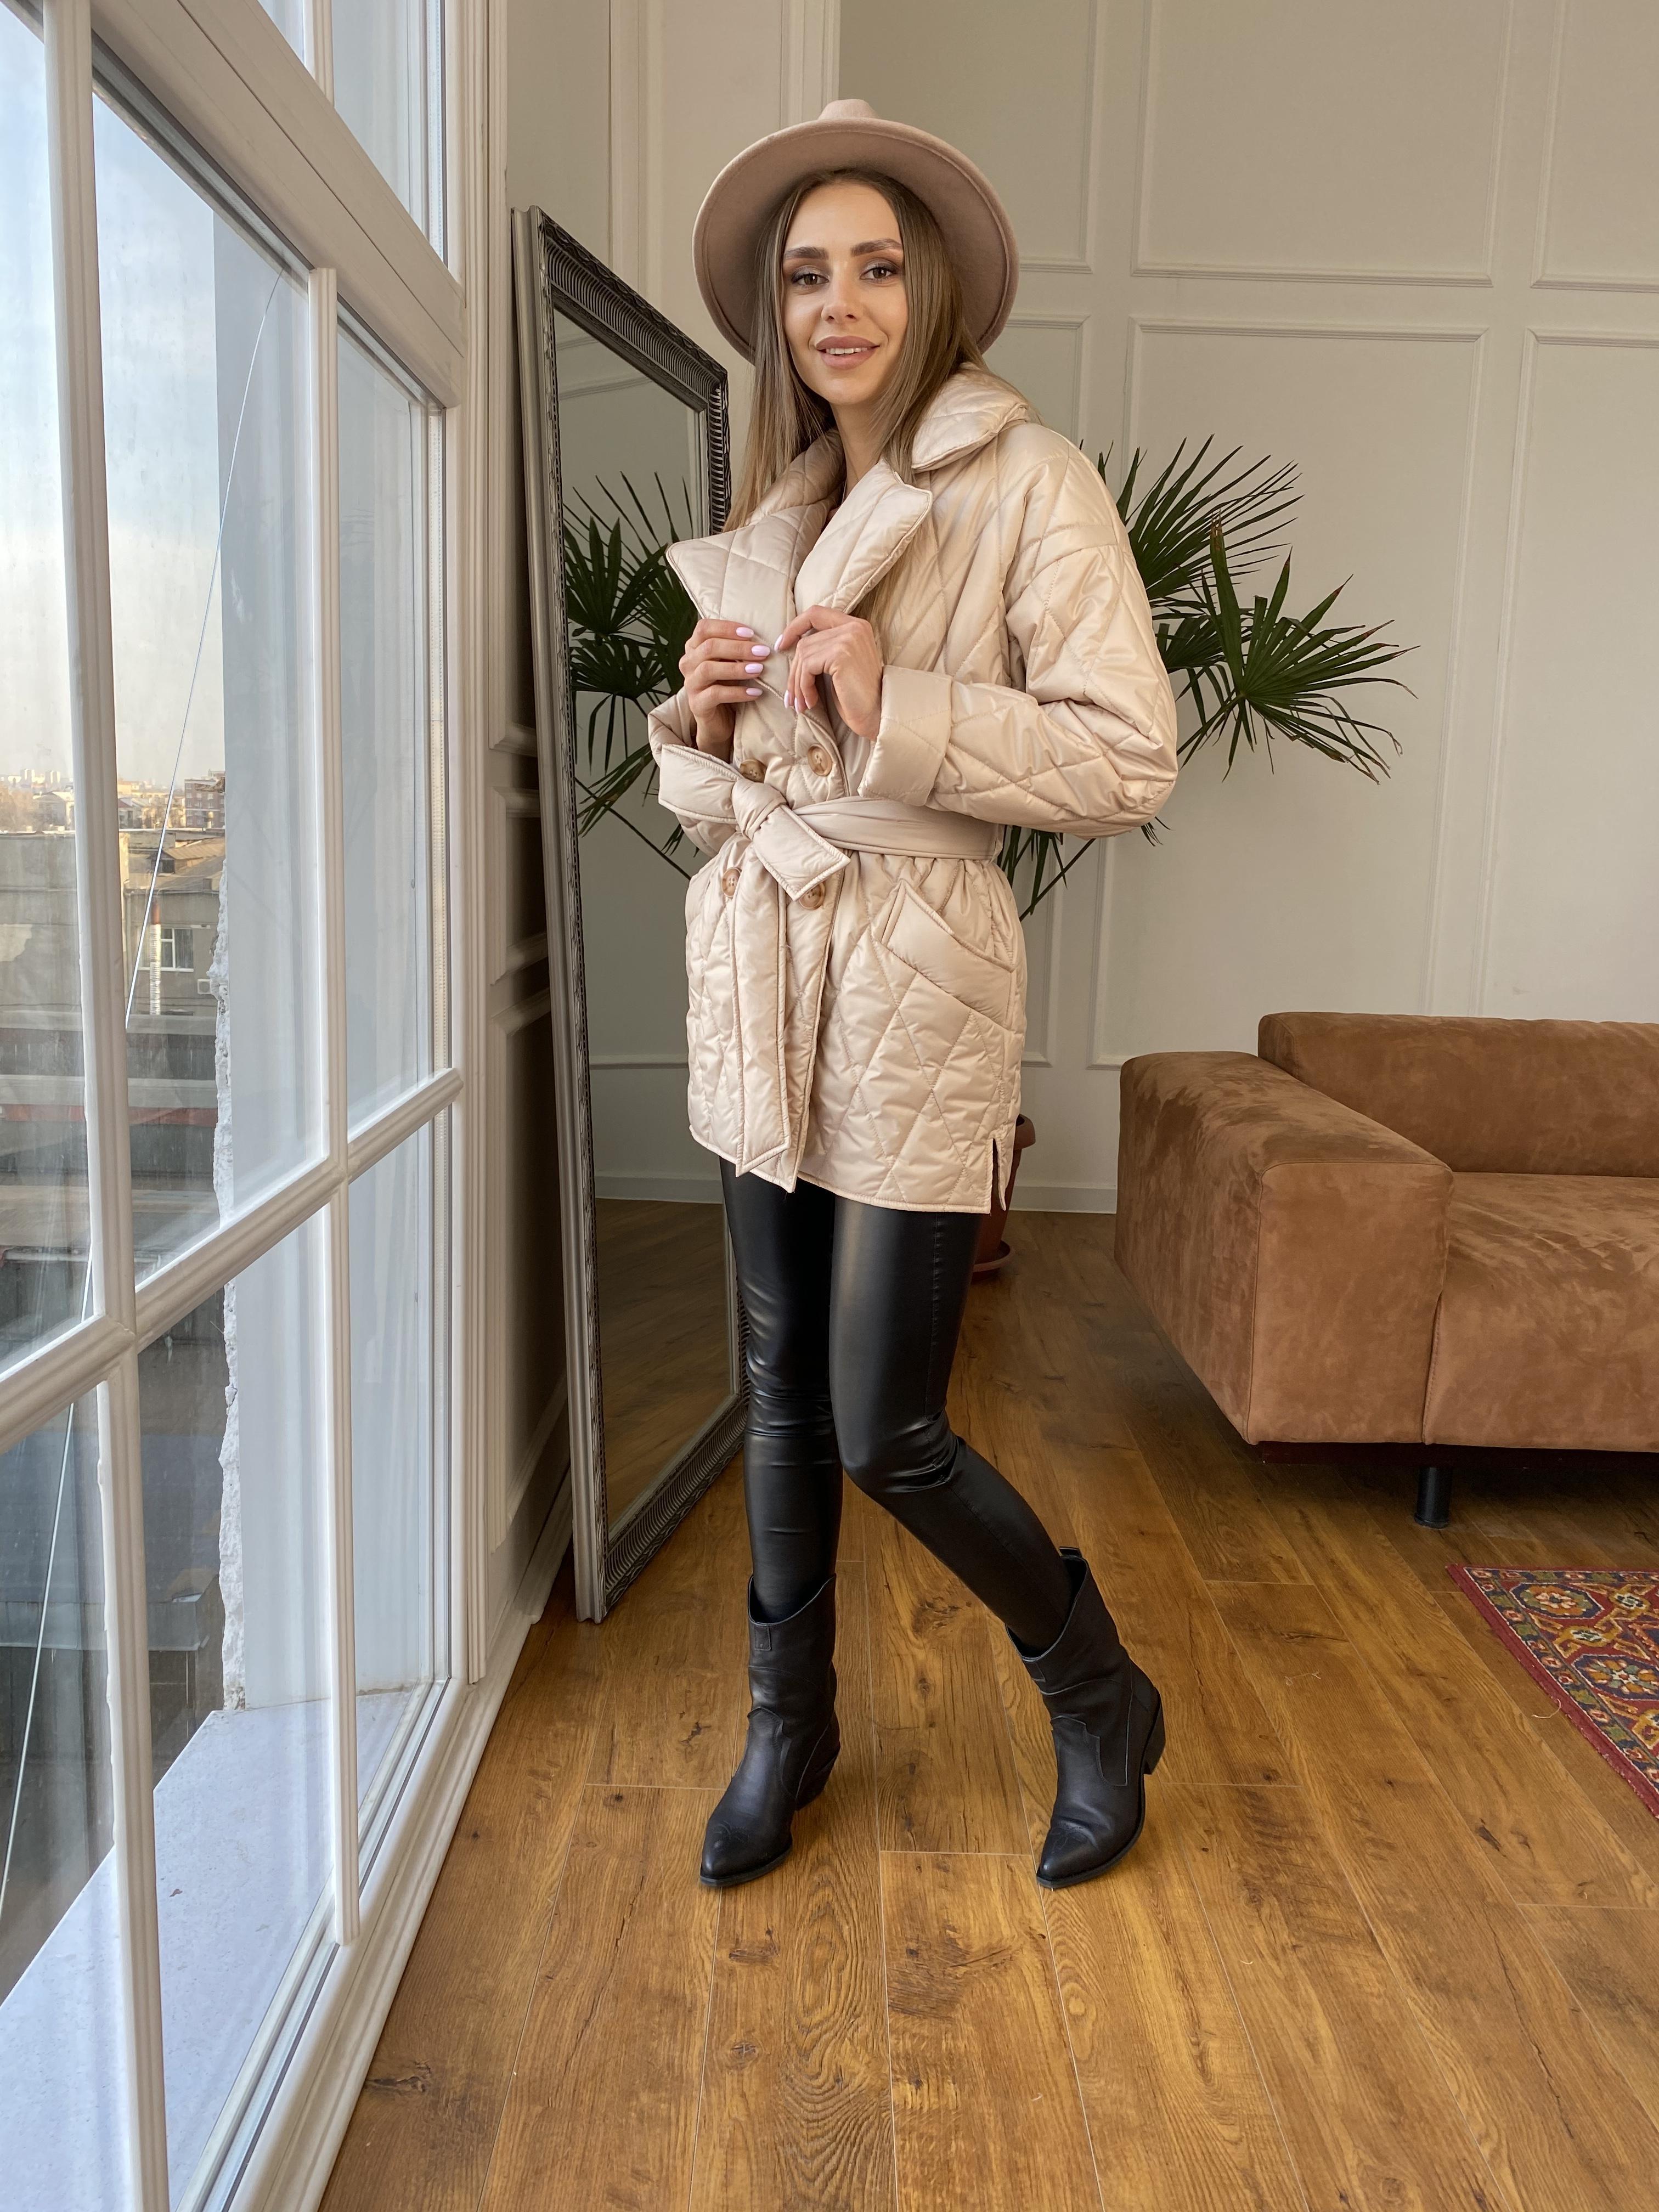 Норд куртка из плащевой ткани стеганая 10883 АРТ. 47411 Цвет: Бежевый - фото 7, интернет магазин tm-modus.ru